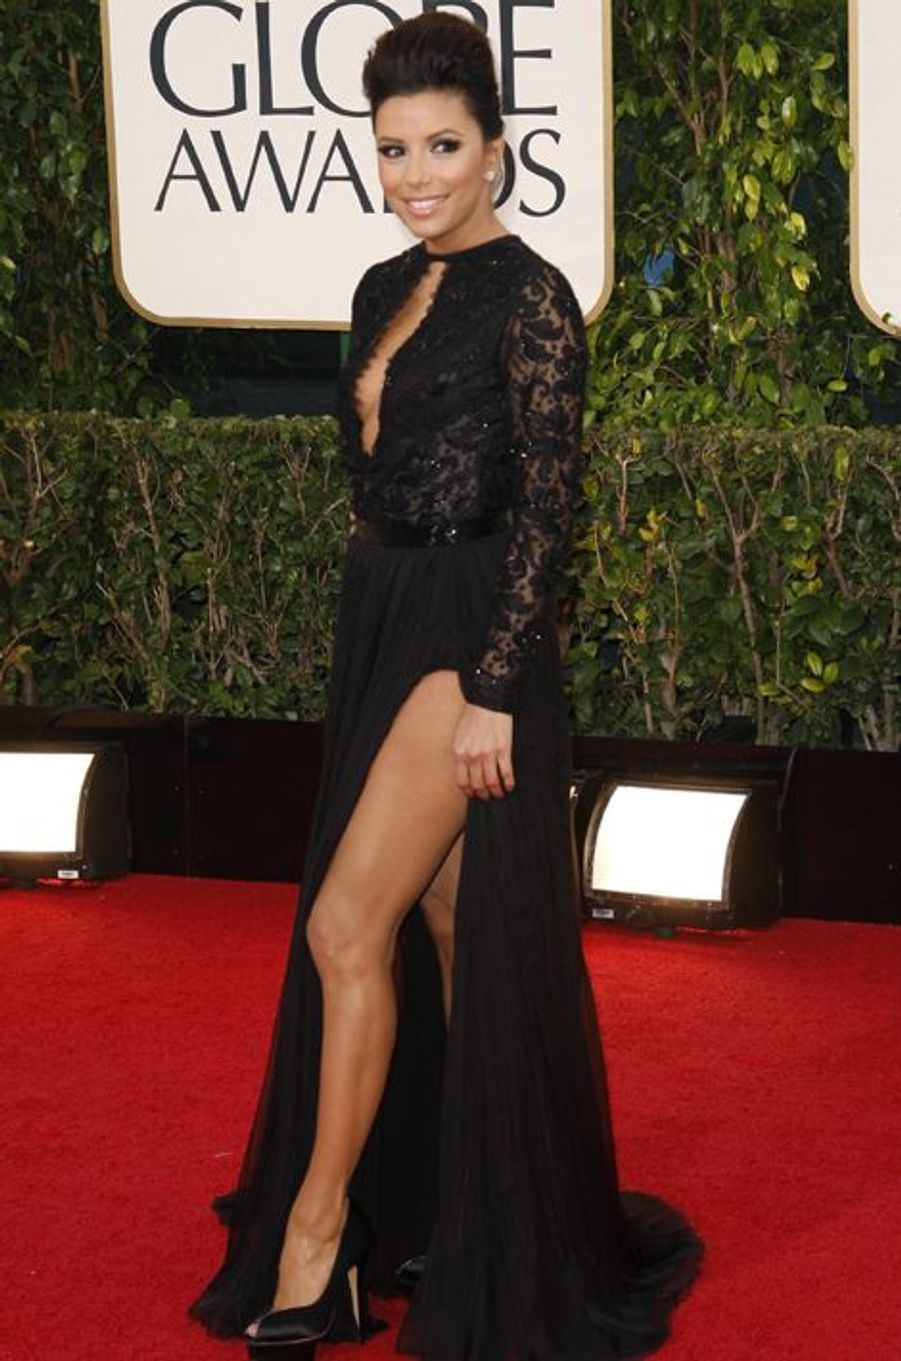 """En robe Emilio Pucci à la 70e édition des """"Golden Globes Awards"""", le 13 janvier 2013 à Los Angeles"""